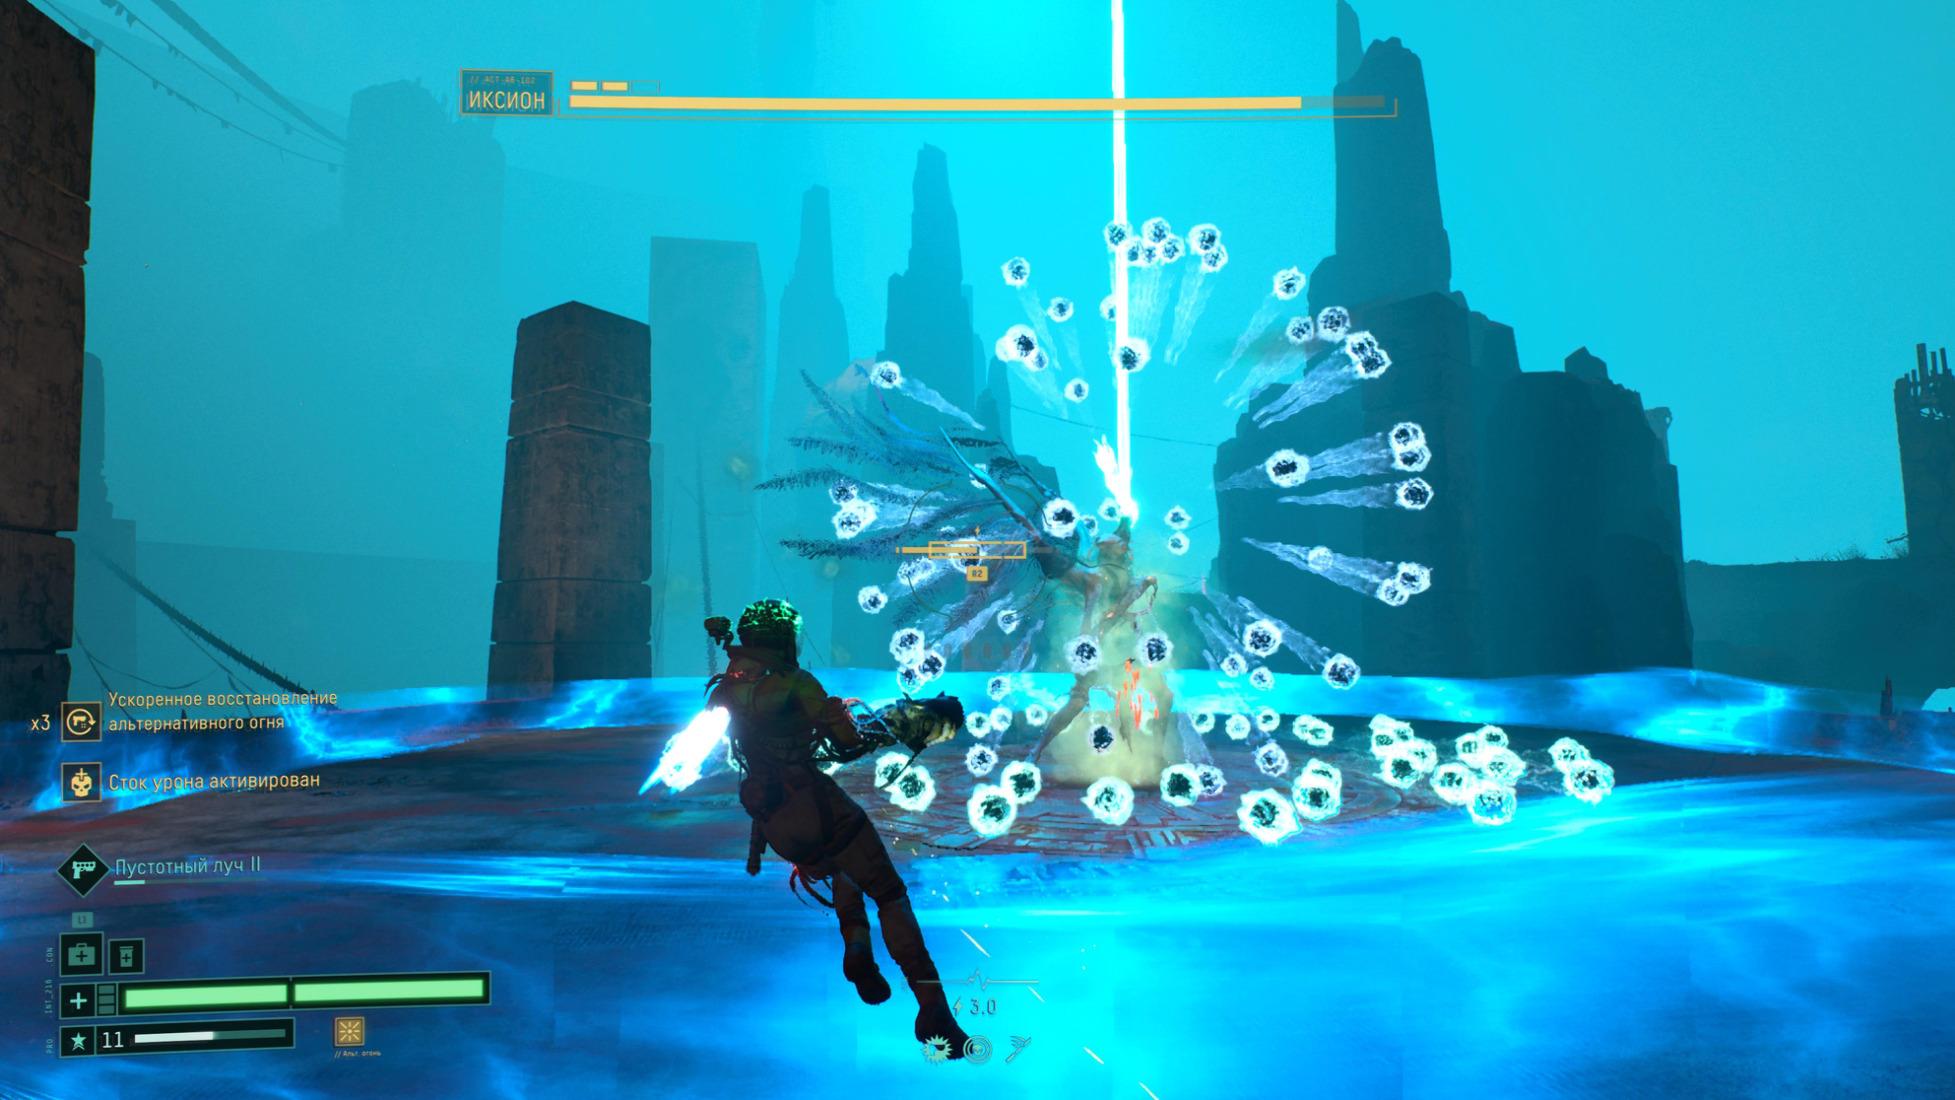 Огляд Returnal — найбільш видовищна гра для для PS5